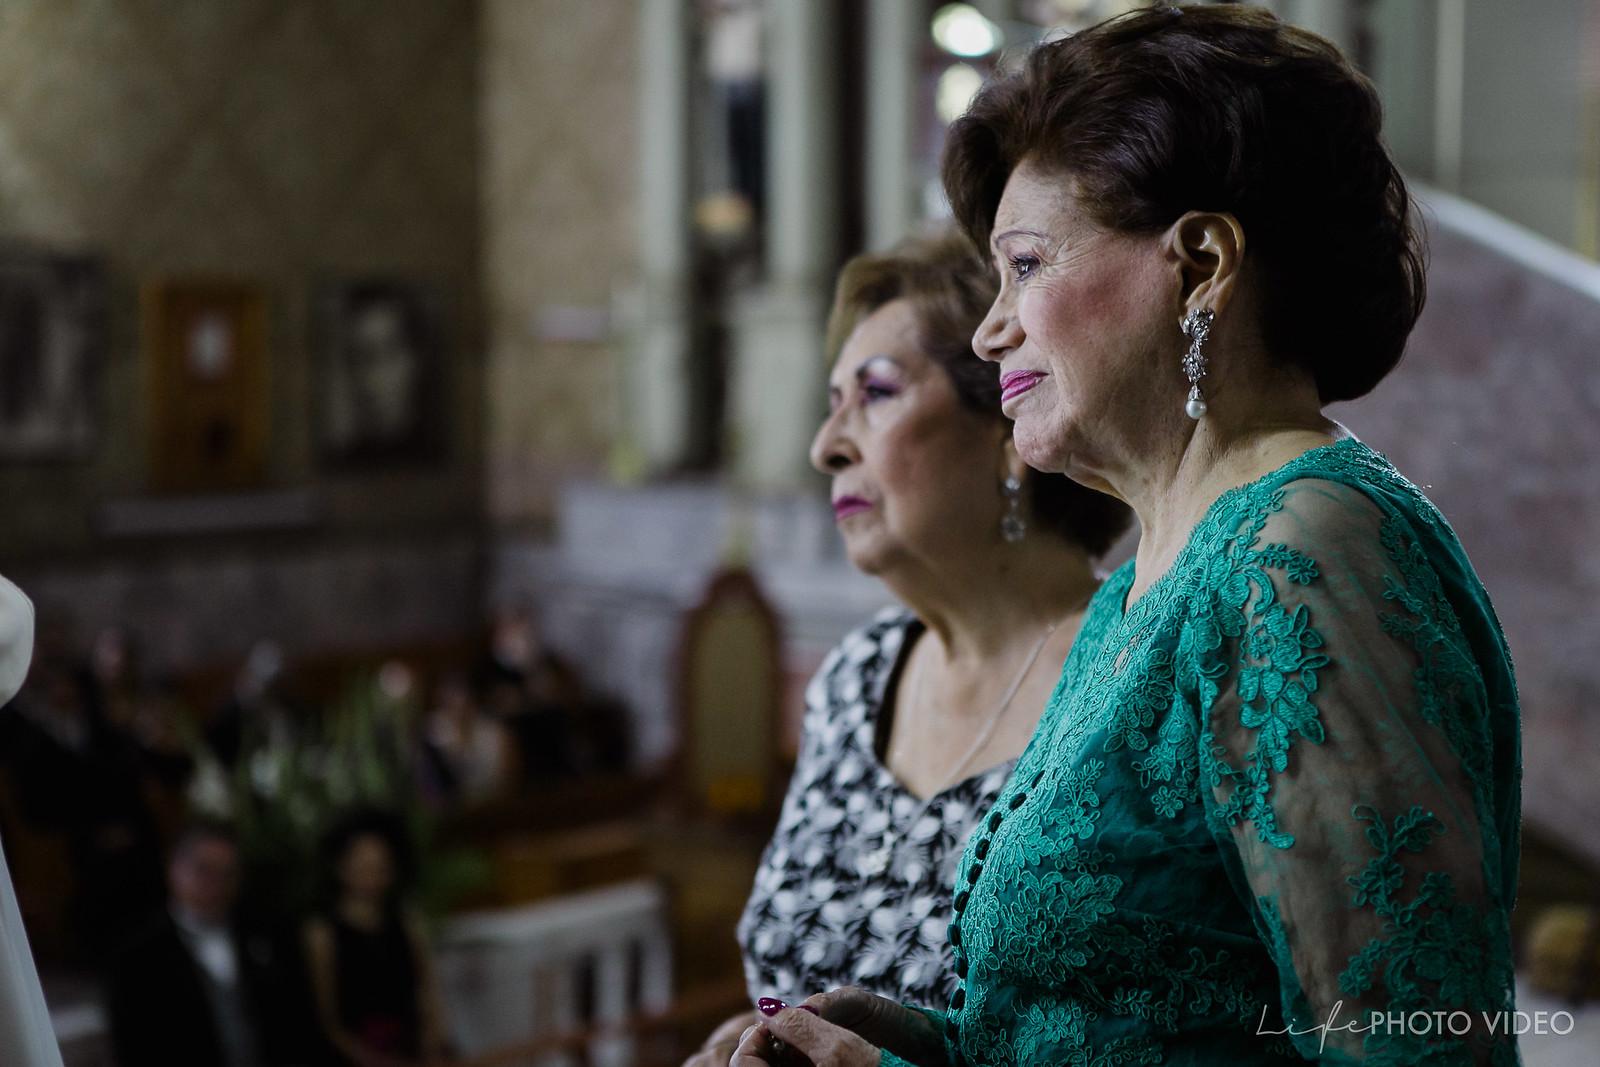 Boda_Leon_Guanajuato_Wedding_0074